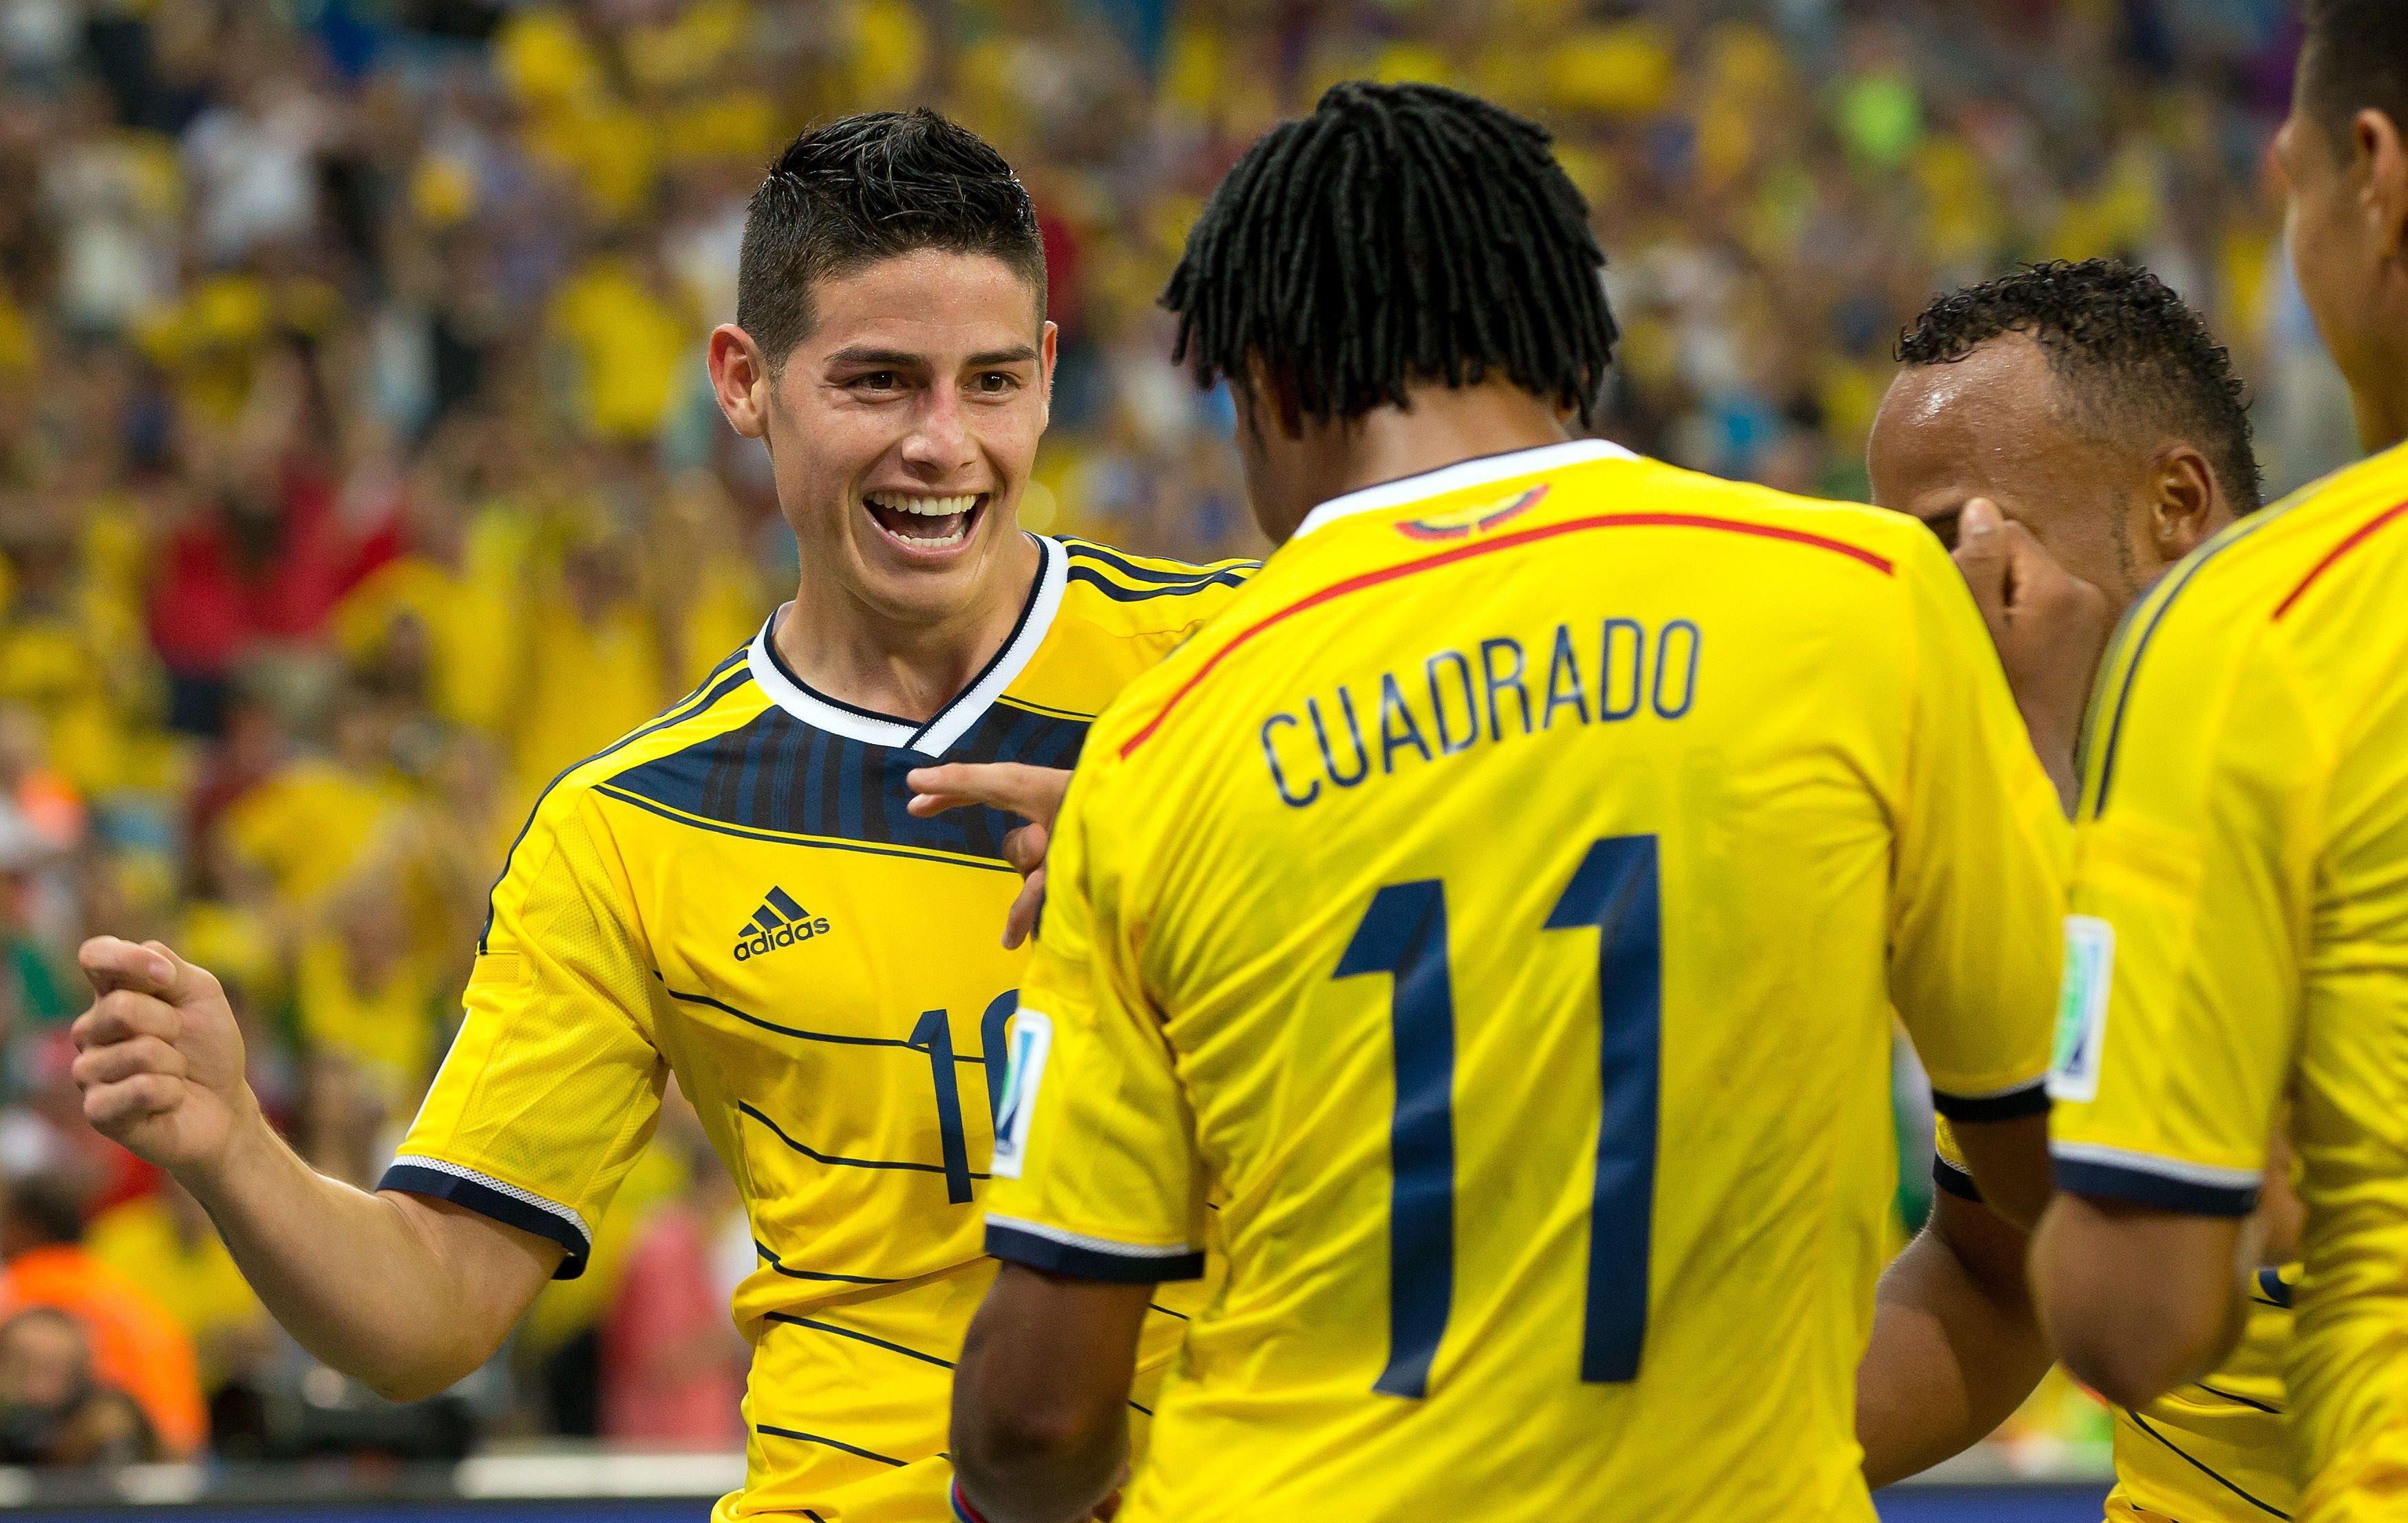 James et la colombie d fieront le br sil 2014 br sil coupe du monde football - Coupe du monde du bresil ...